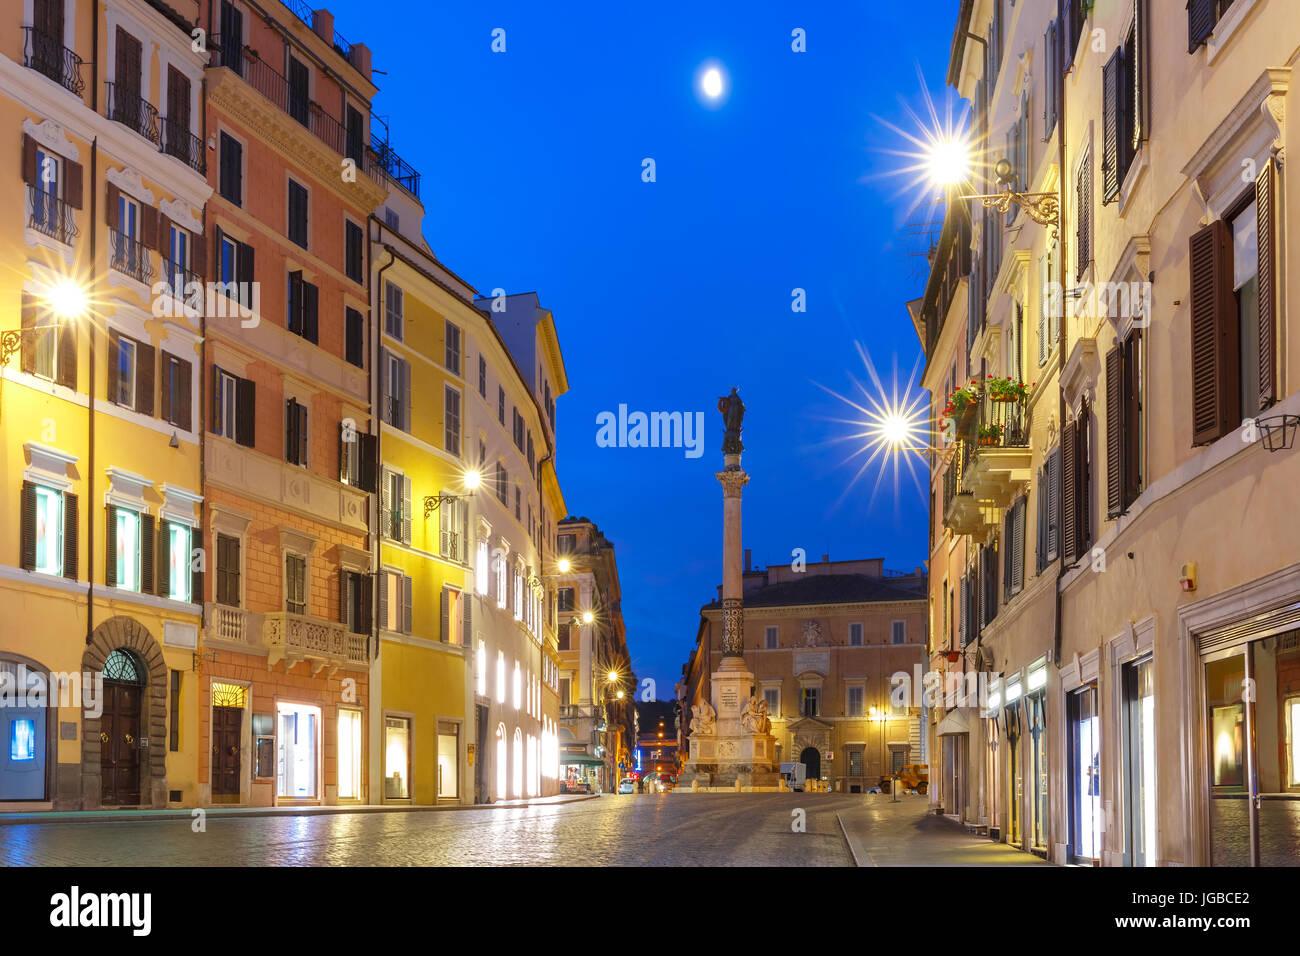 La columna de la Inmaculada Concepción, en Roma, Italia. Imagen De Stock